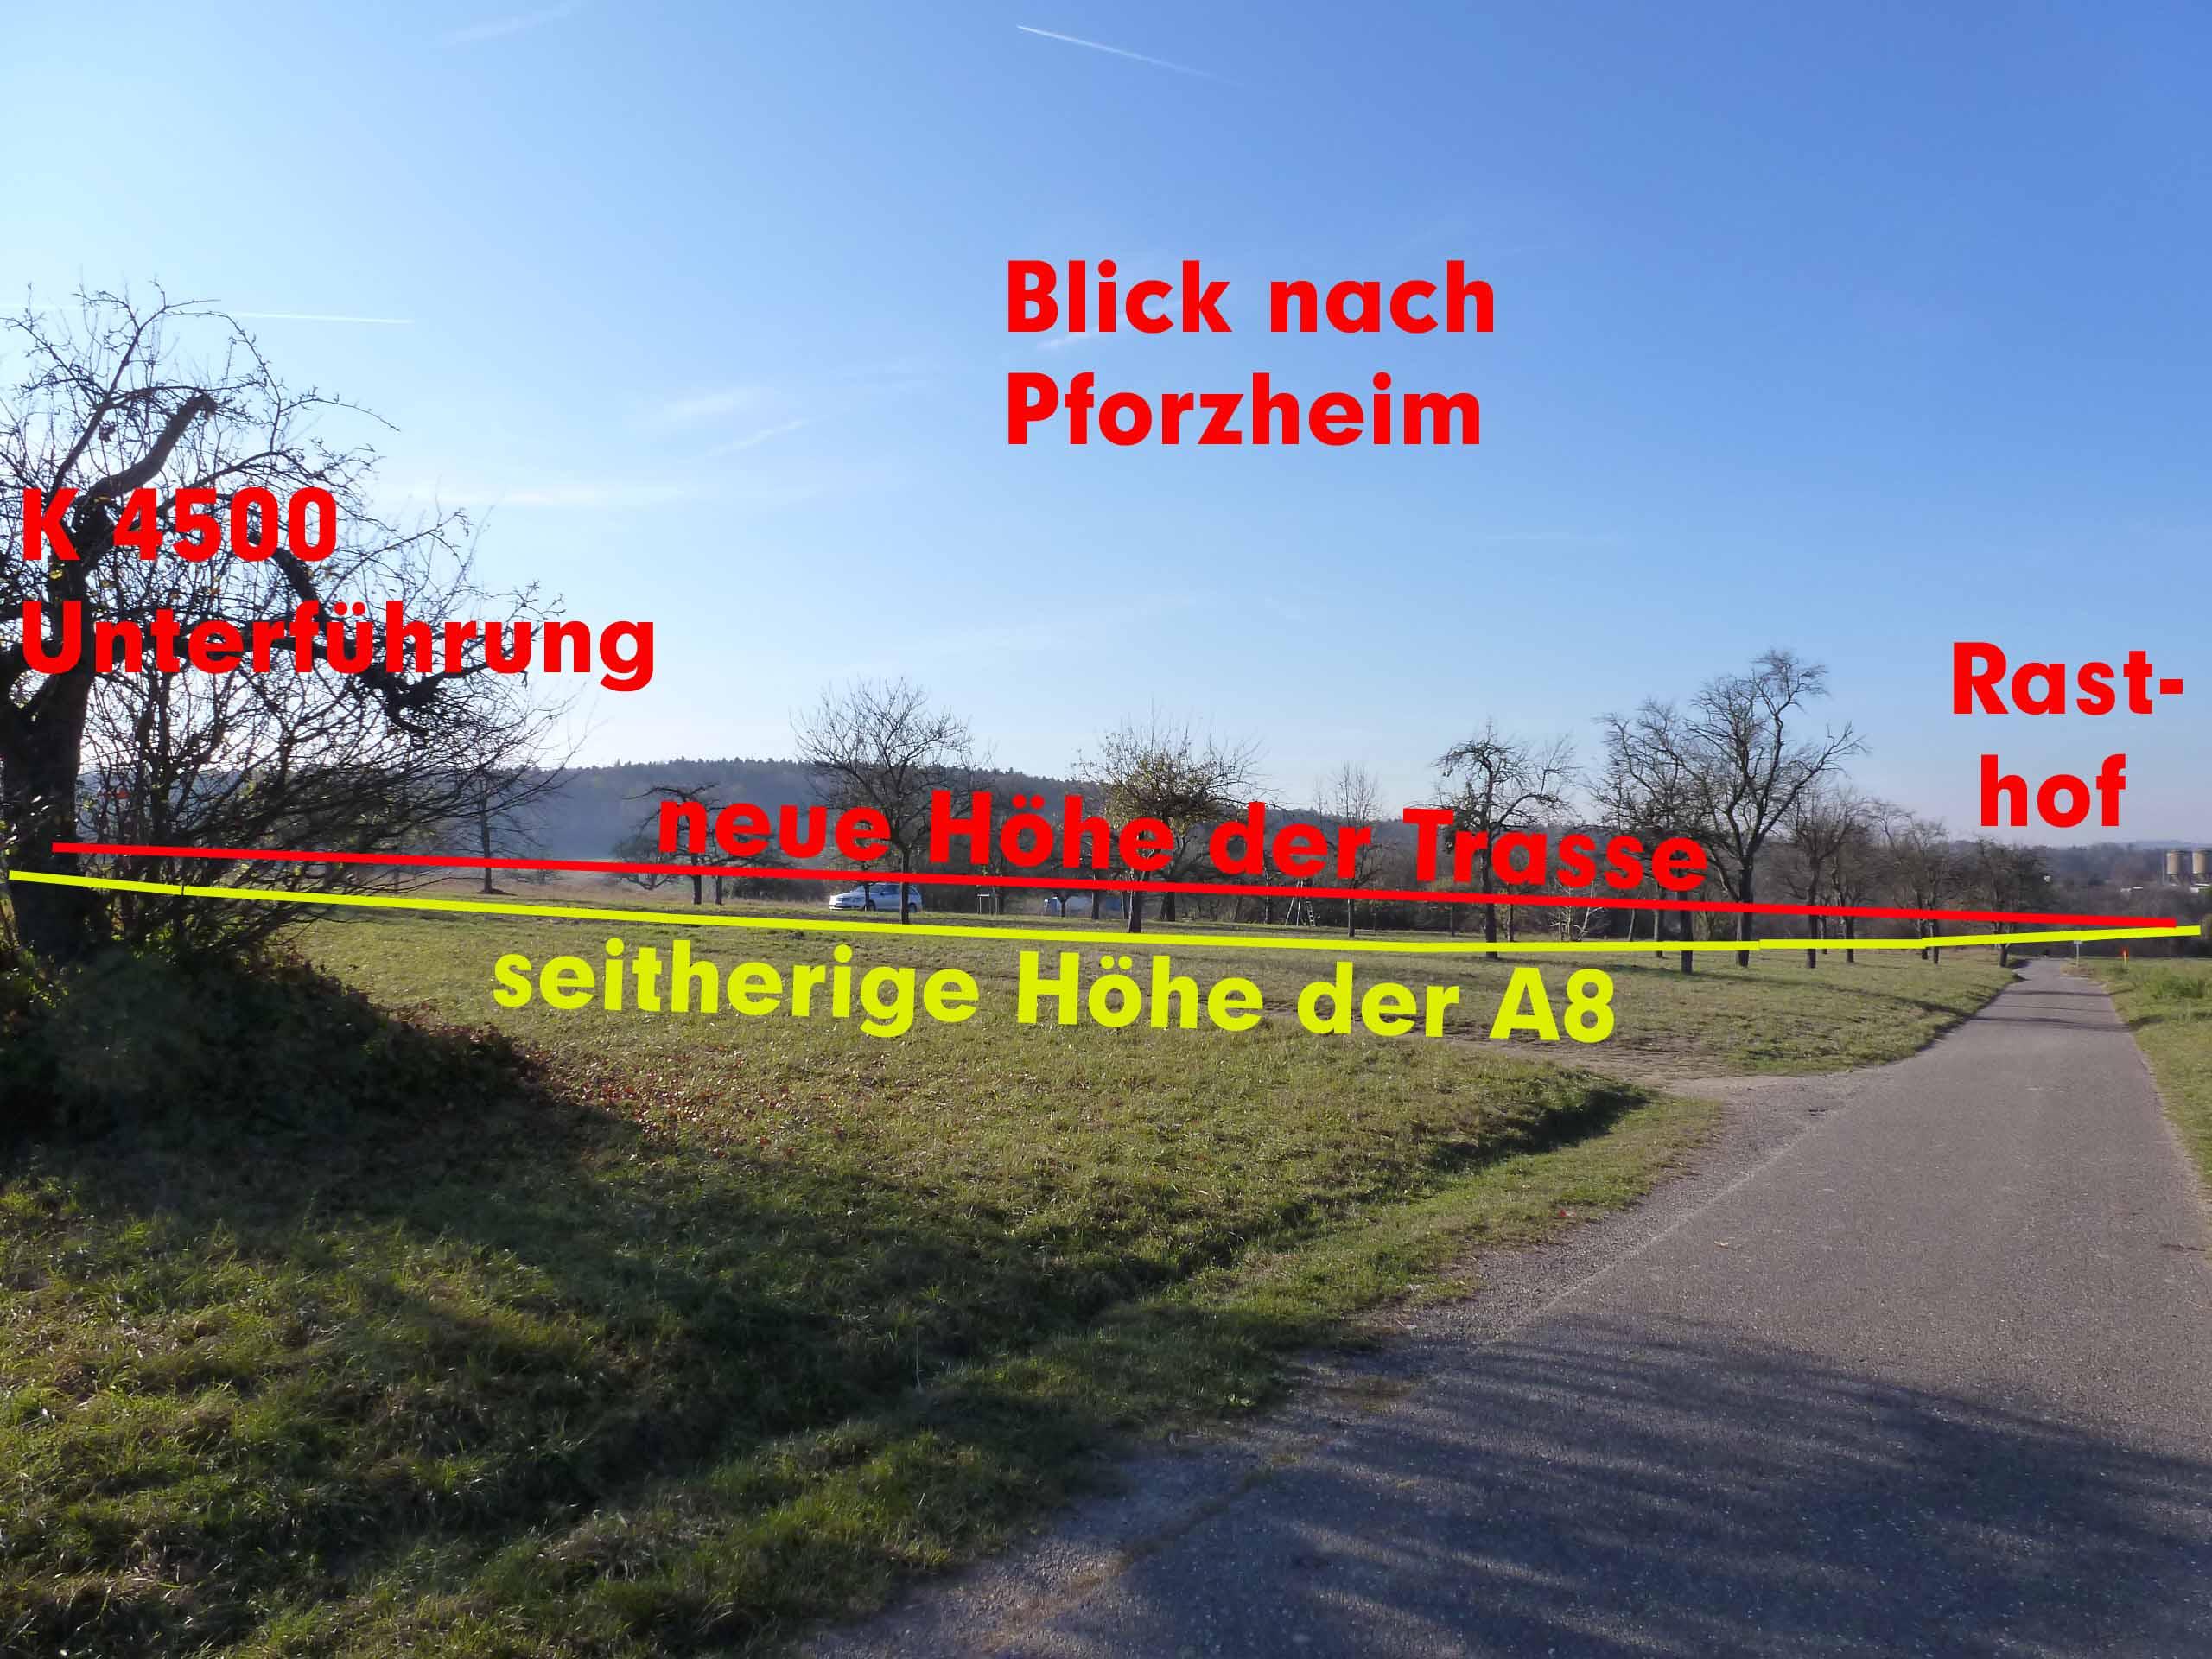 Höhe der A8 mit Blick zum Rasthof